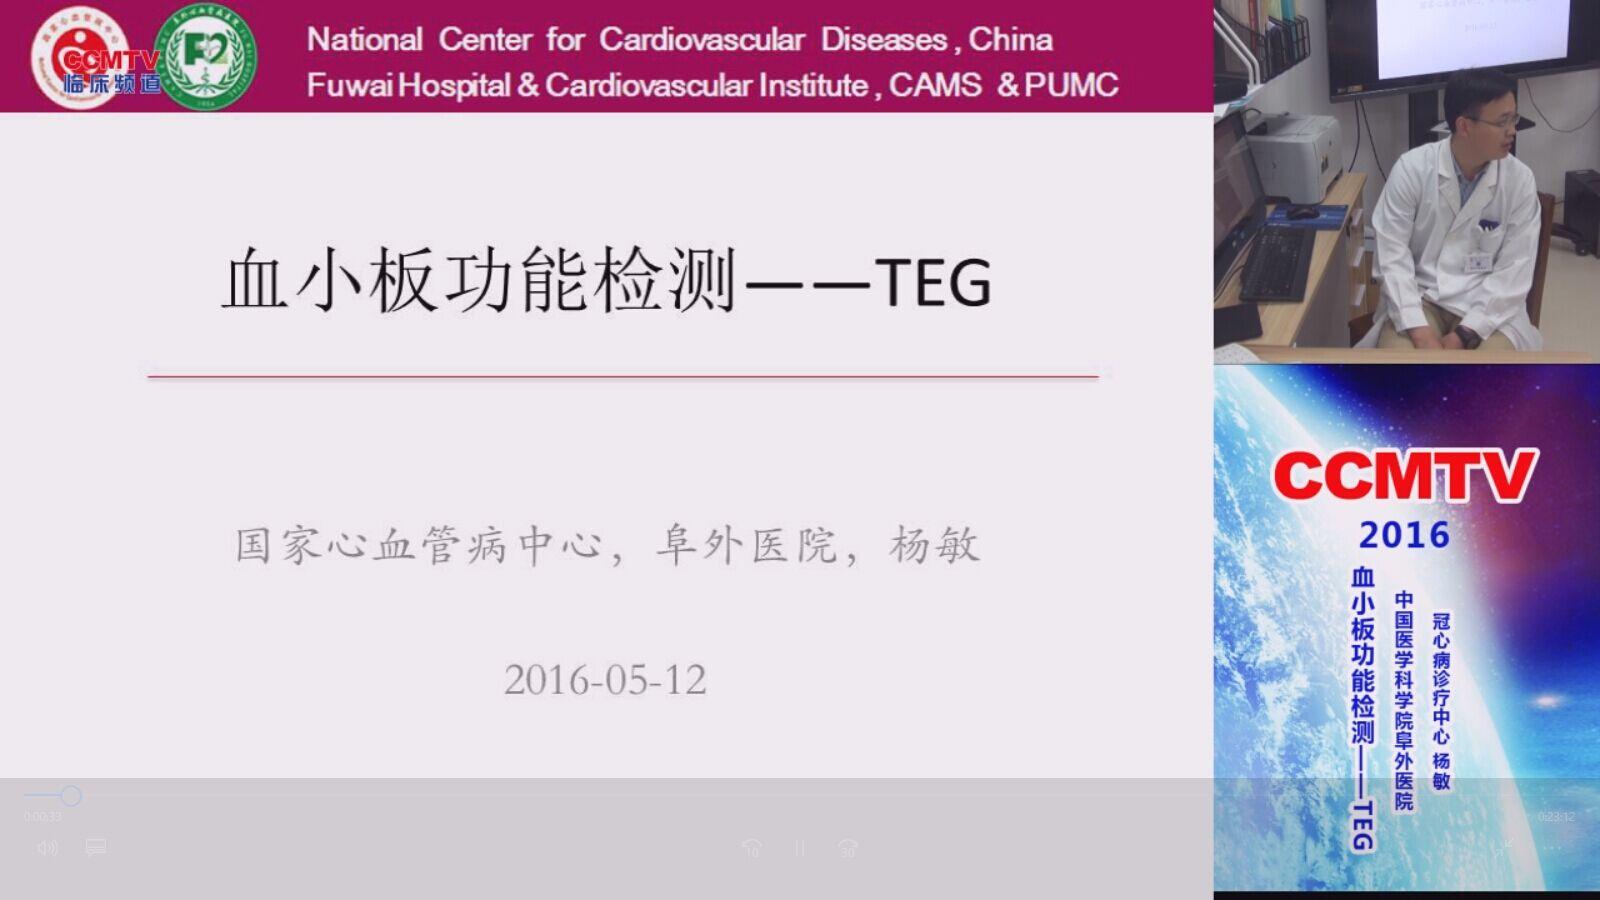 心血管疾病 诊断 检验 血小板功能 杨敏:血小板功能检测 - TEG